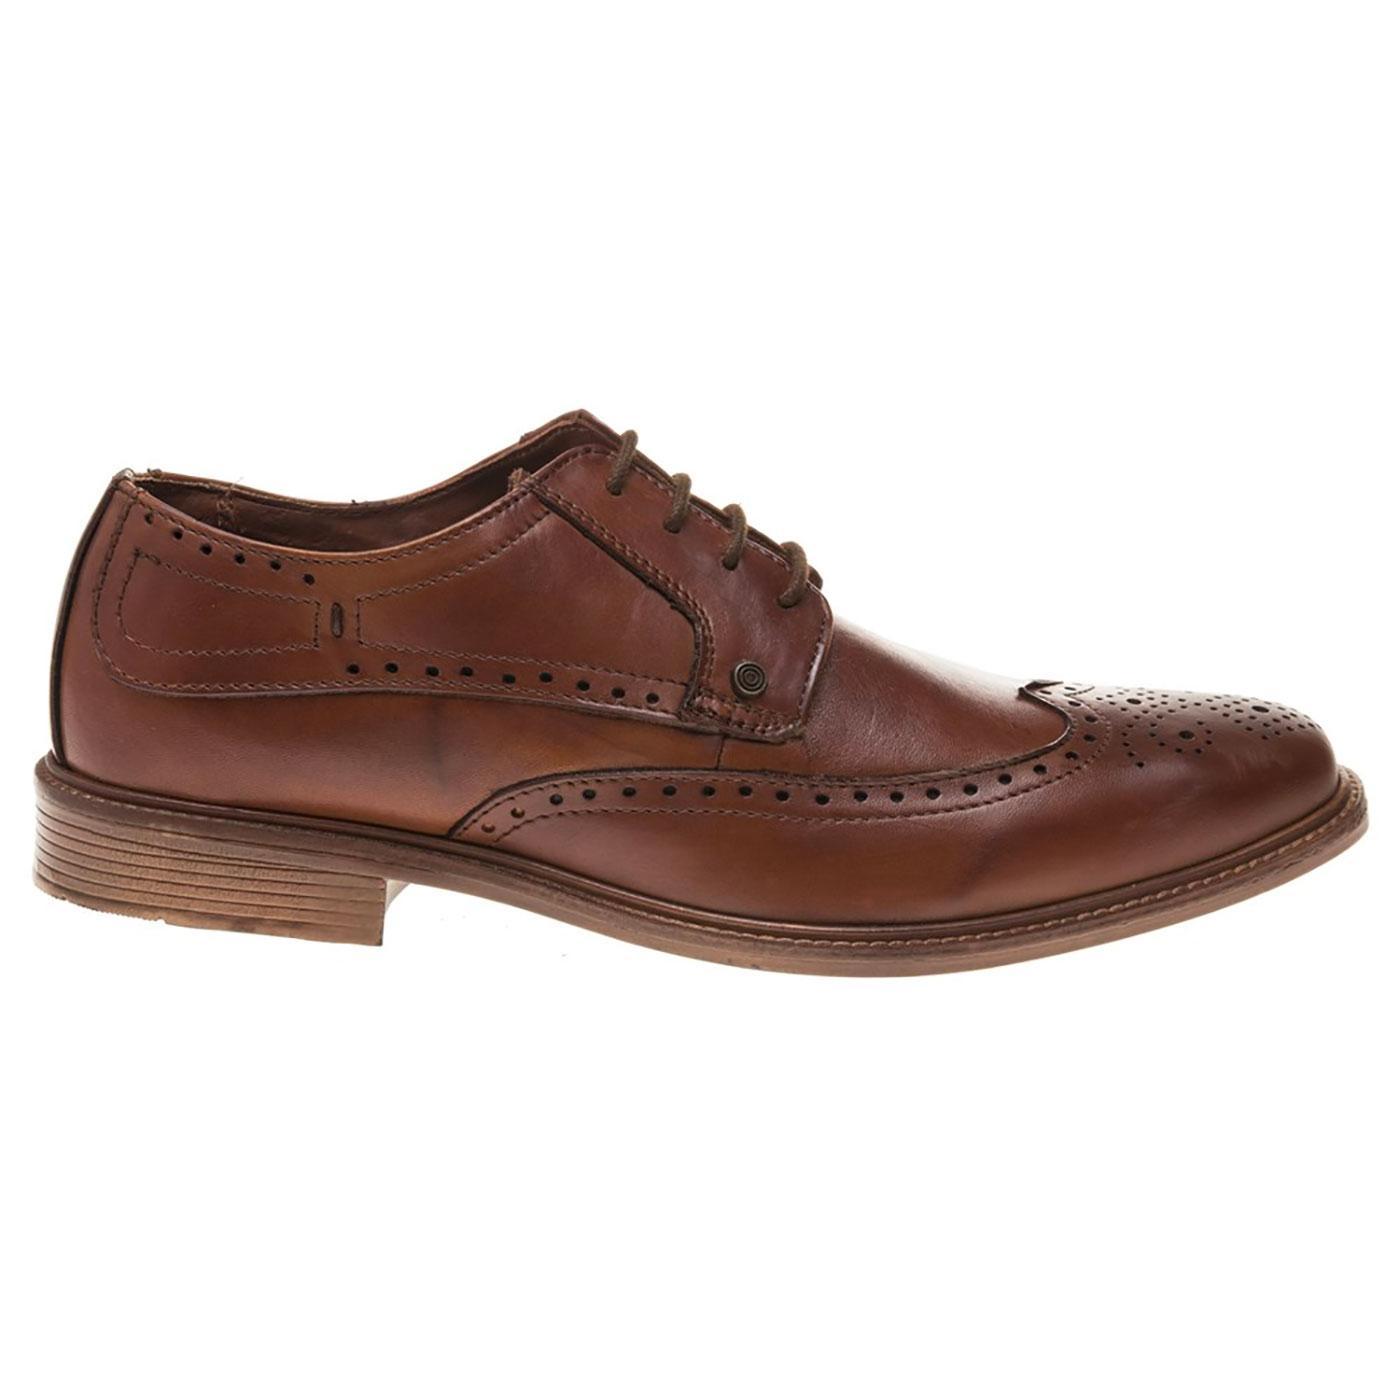 LAMBRETTA Men's 60s Mod Derby Brogue Shoes (Tan)